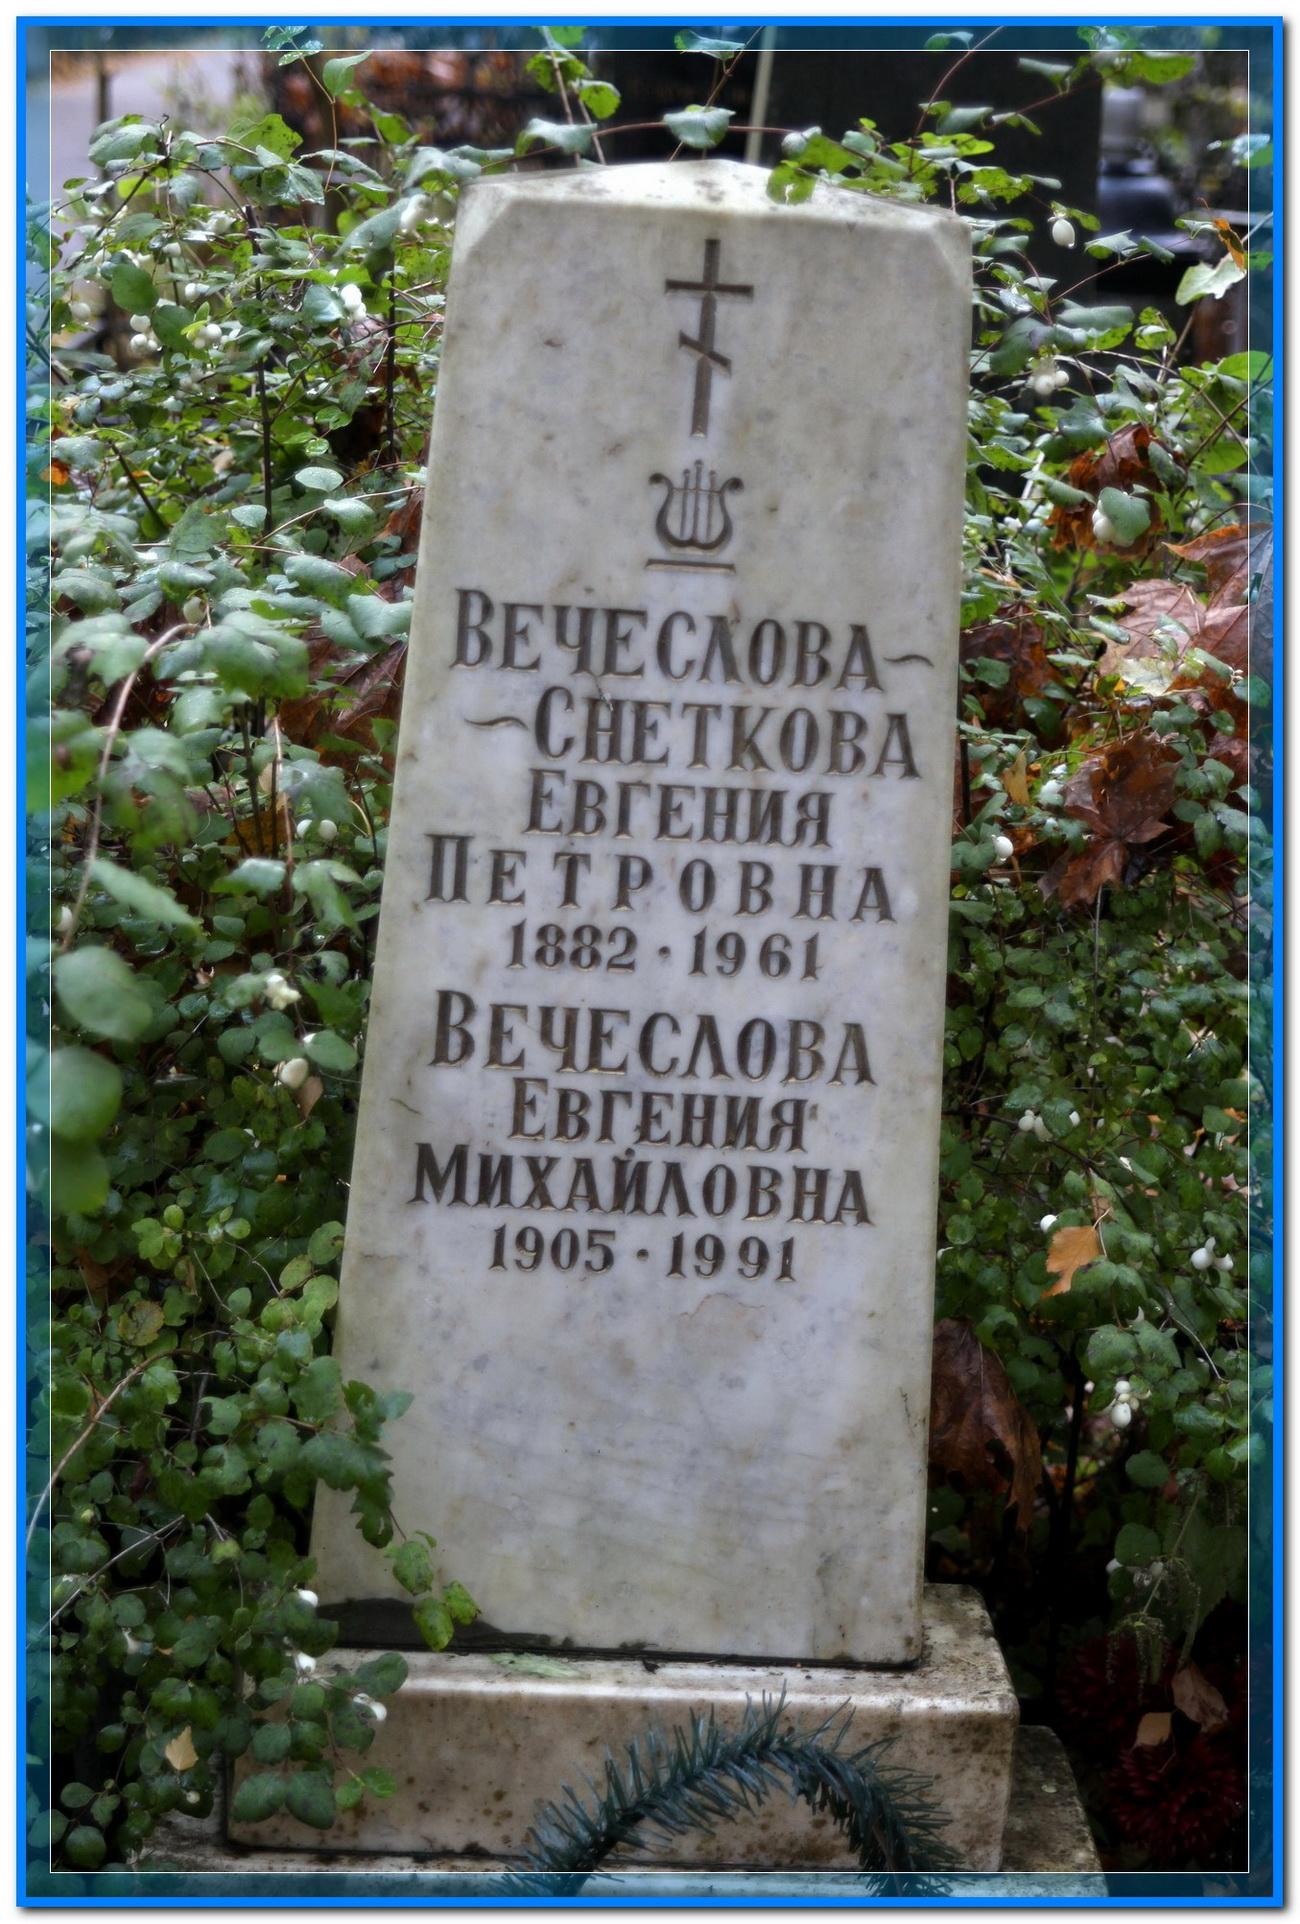 © Вечеслова-Снеткова Евгения Петровна